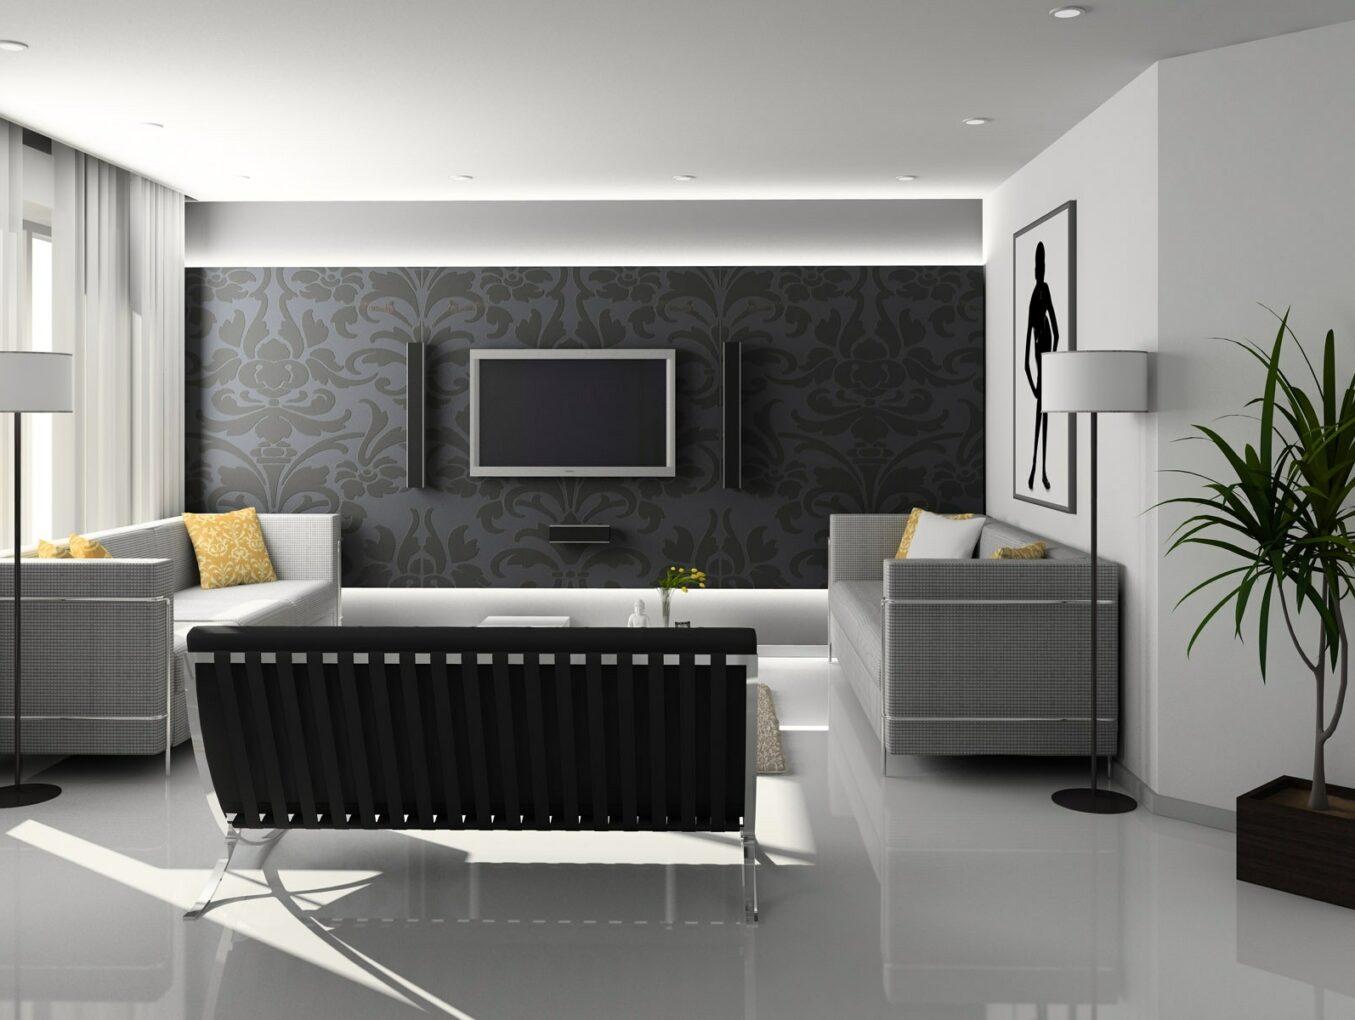 Wanddeko Draußen Schön Home Entertainment Installation Revelation Services